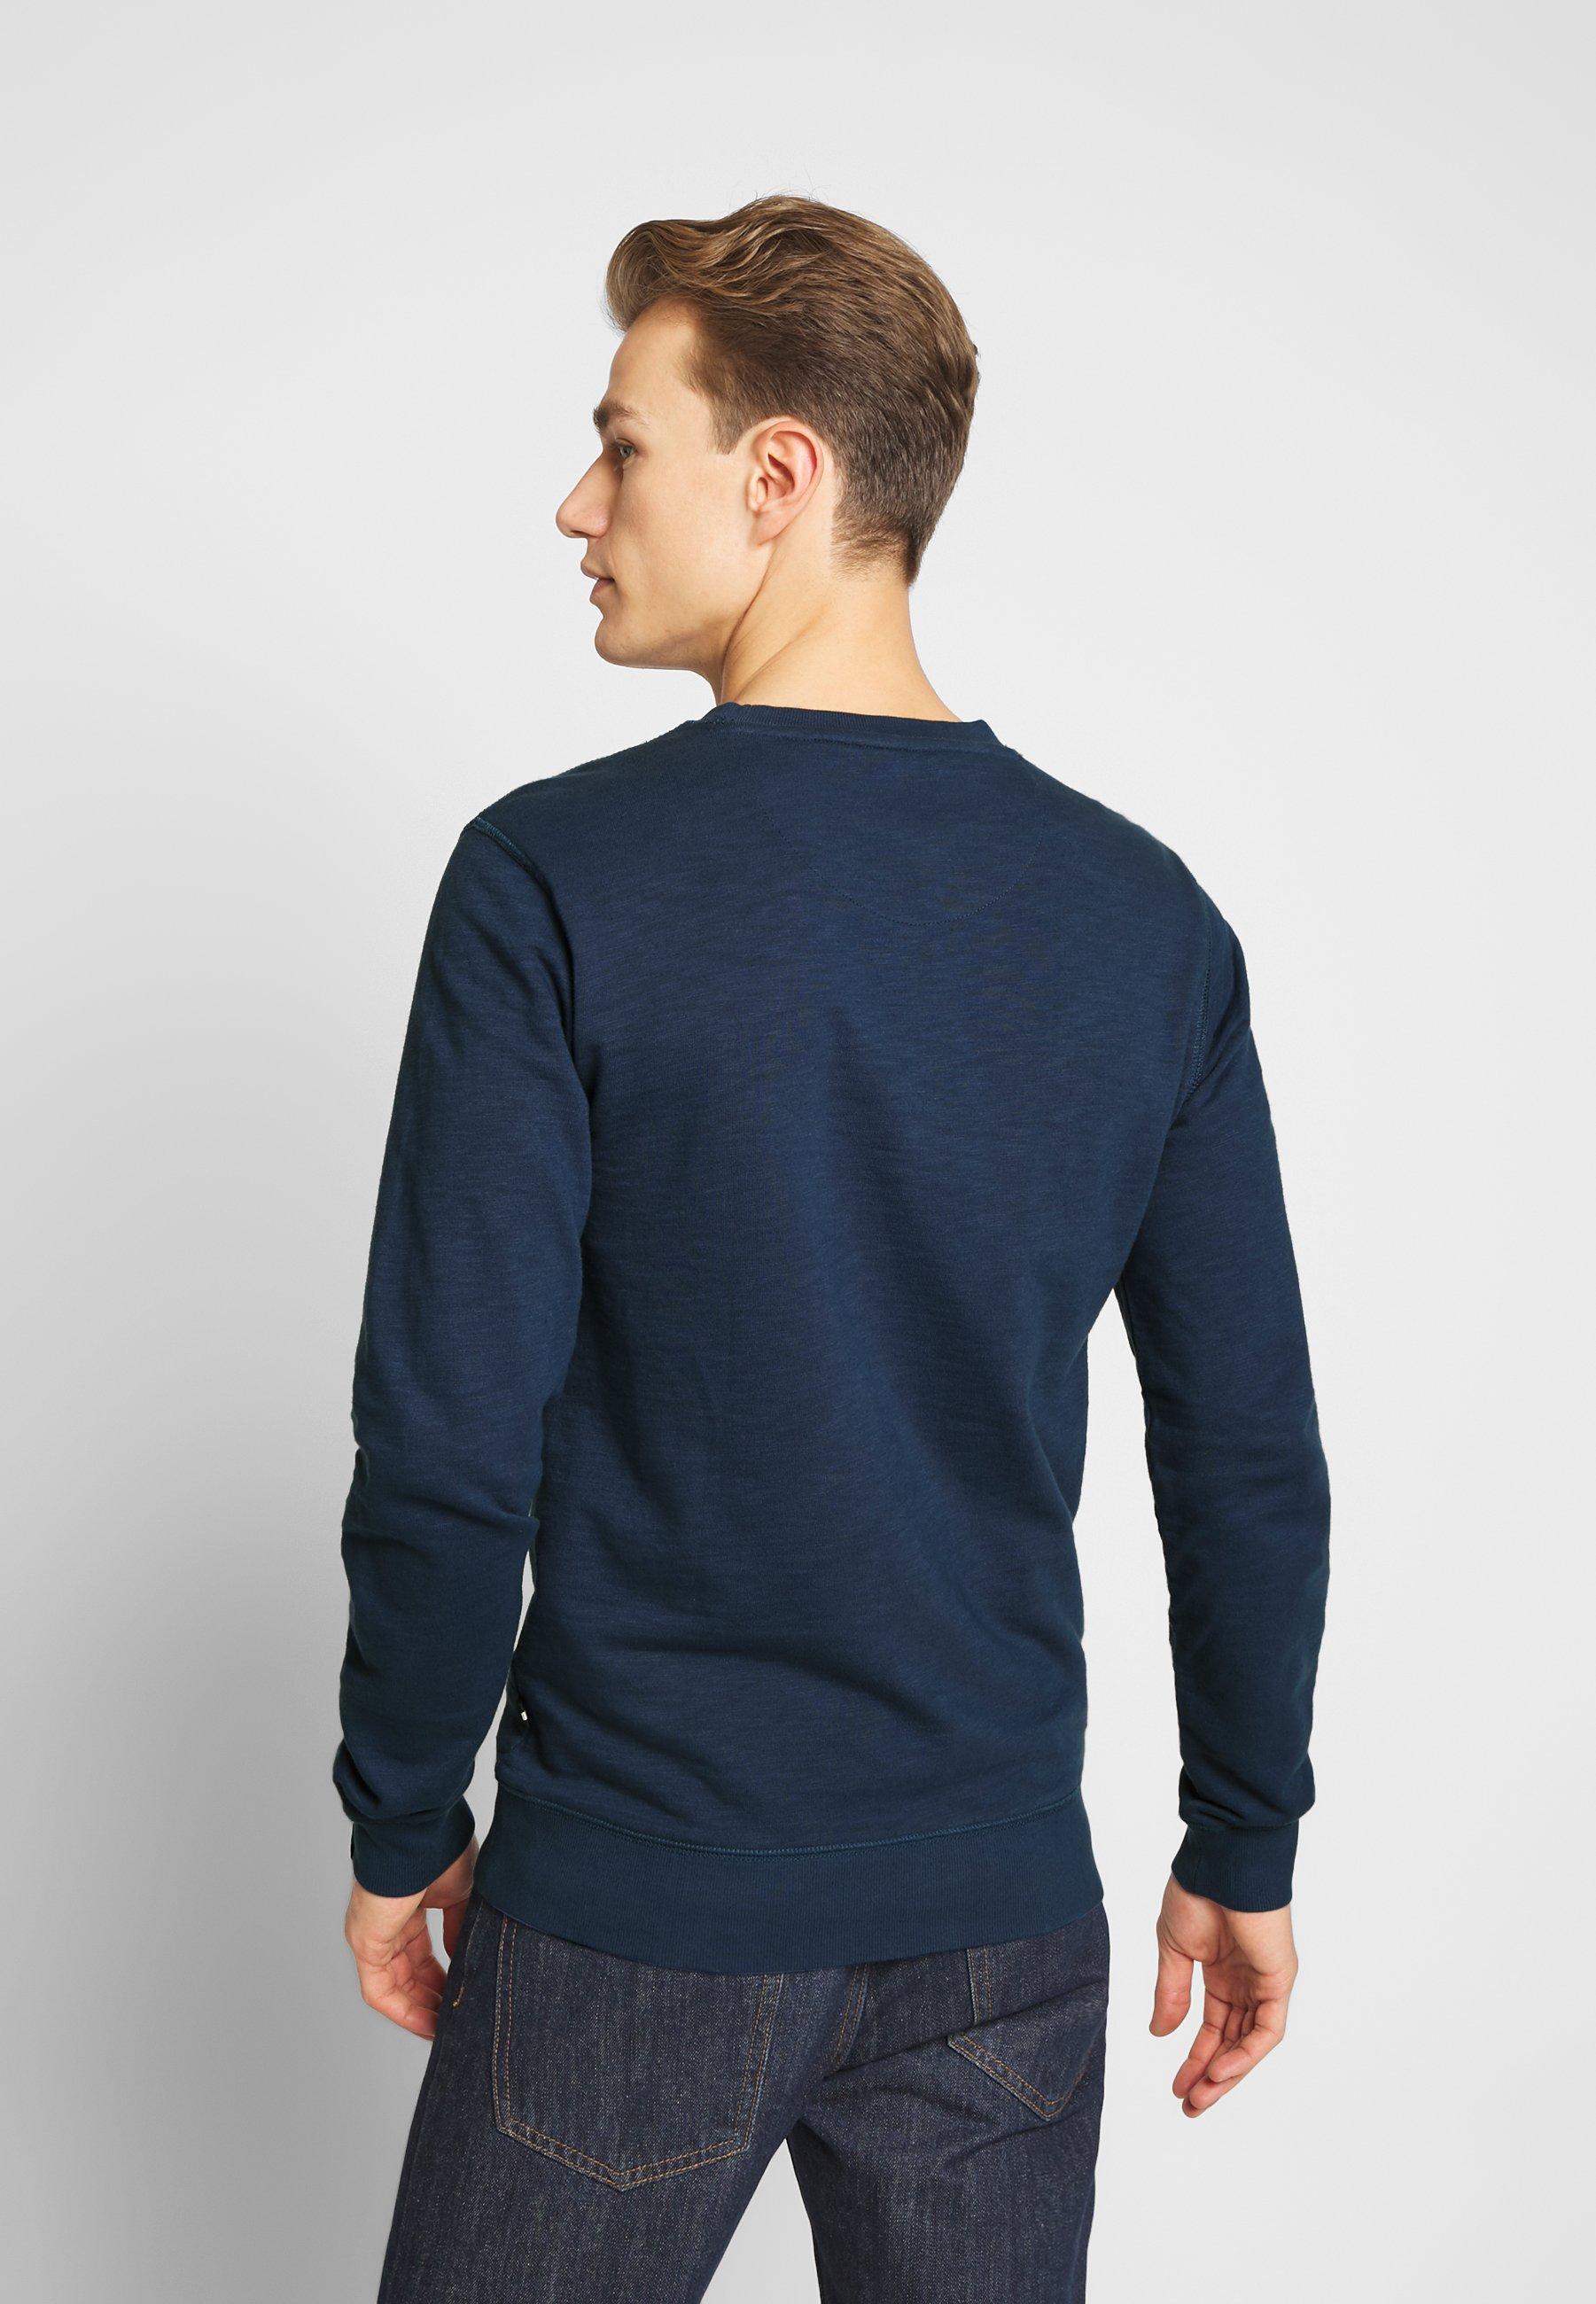 Petrol Industries Sweatshirt - petrol blue